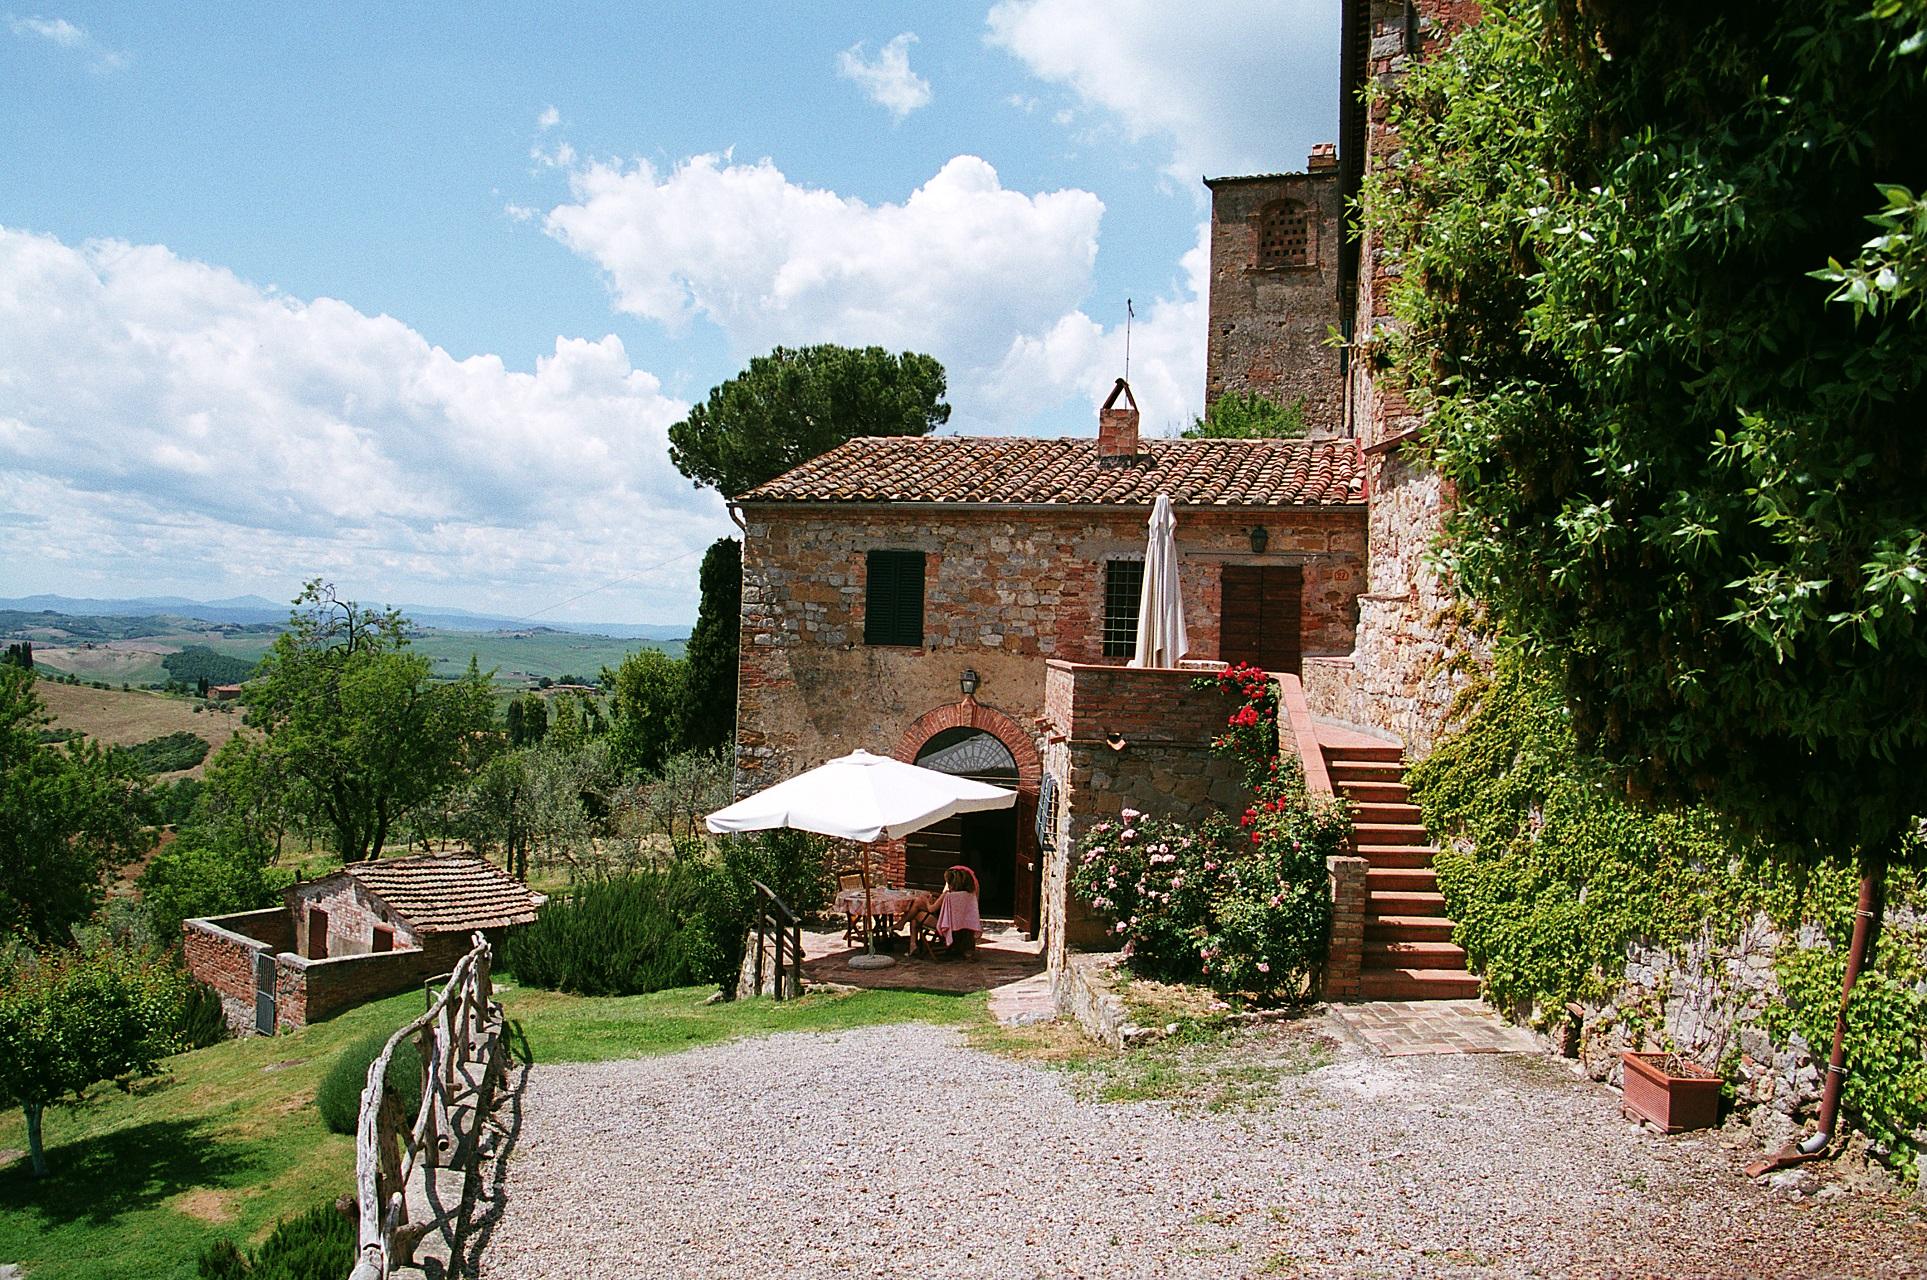 Ihr sucht ein Ferienhaus in der Toskana?